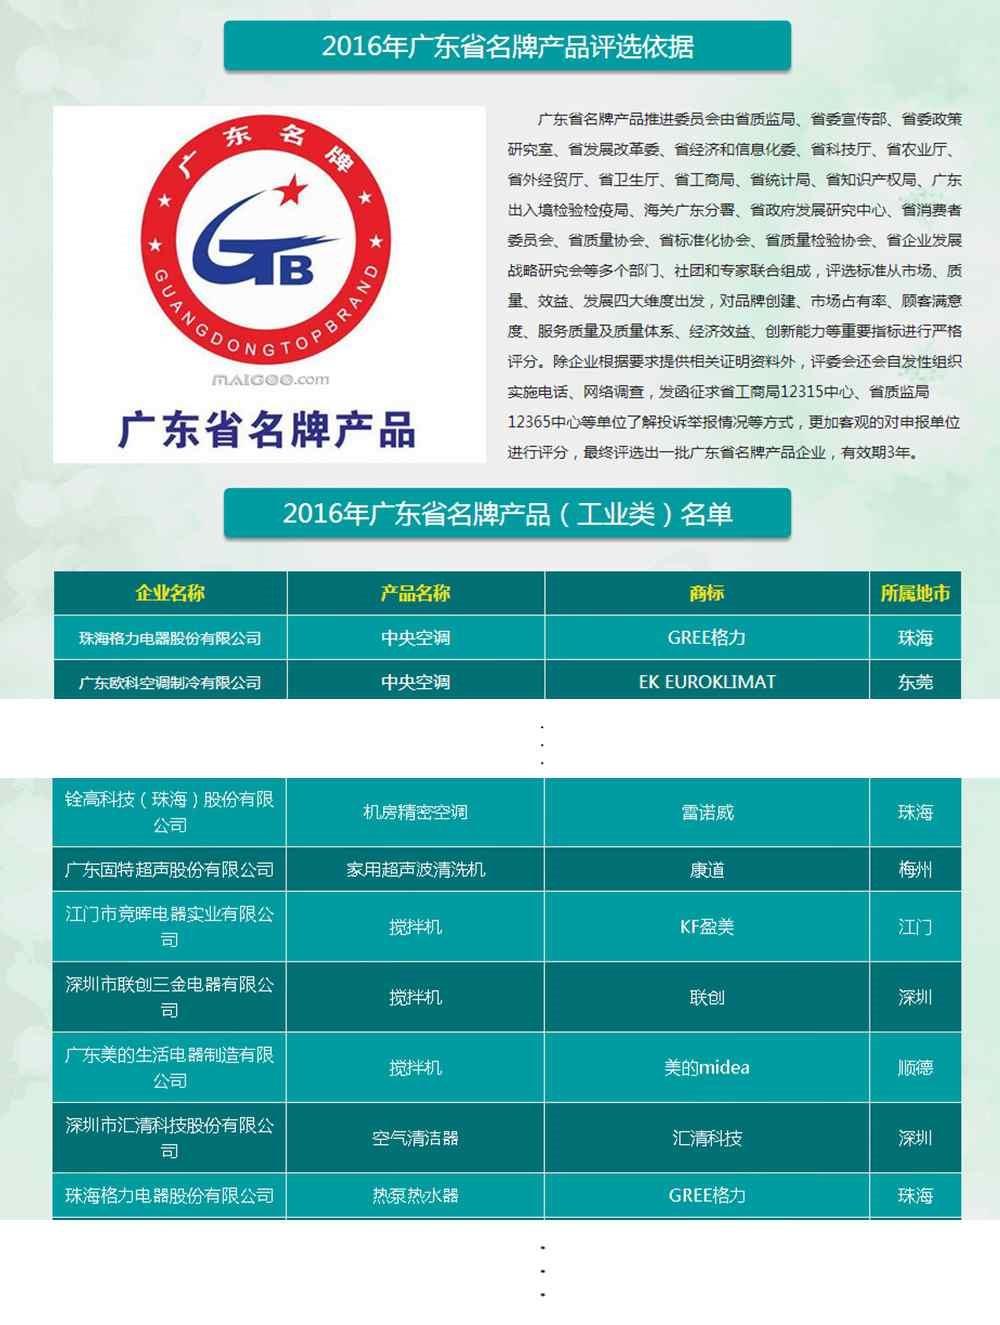 """喜讯 康道牌家用超声波清洗机产品荣获""""广东省名牌产品""""称号"""